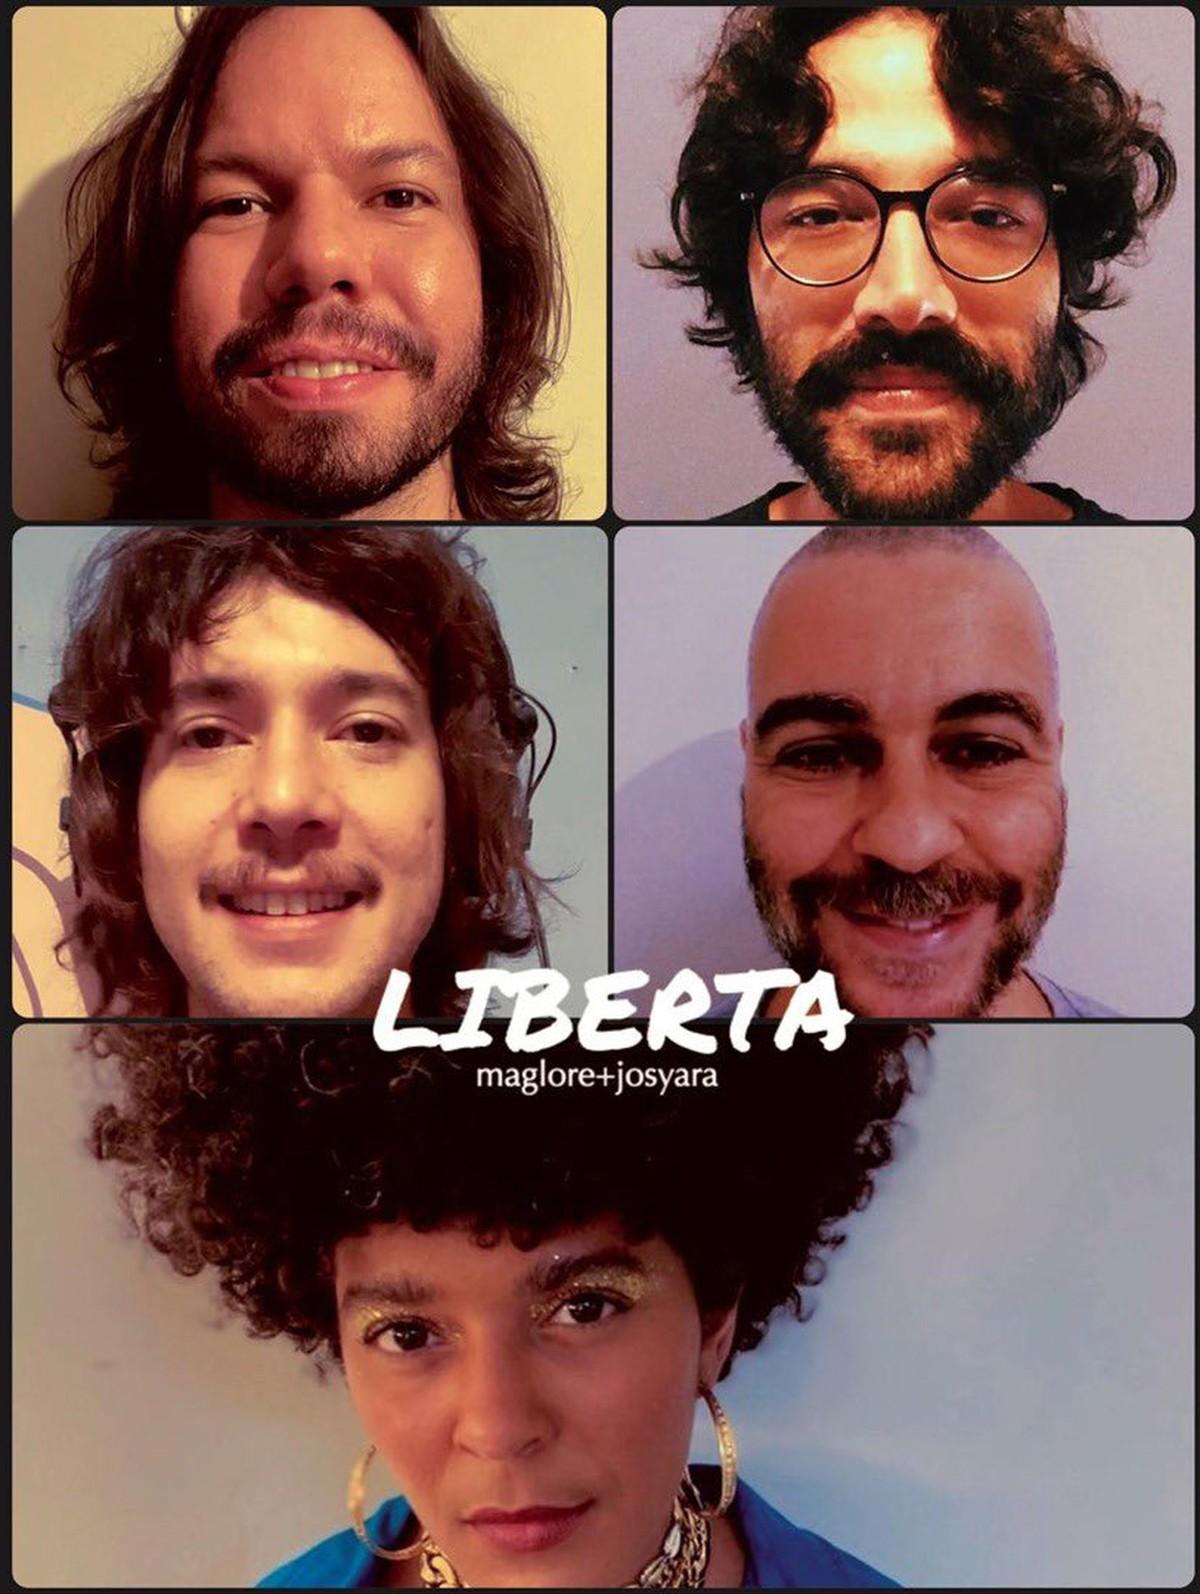 Banda Maglore revitaliza sobra de álbum de 2017 em gravação aditivada com a voz e o violão de Josyara | Blog do Mauro Ferreira